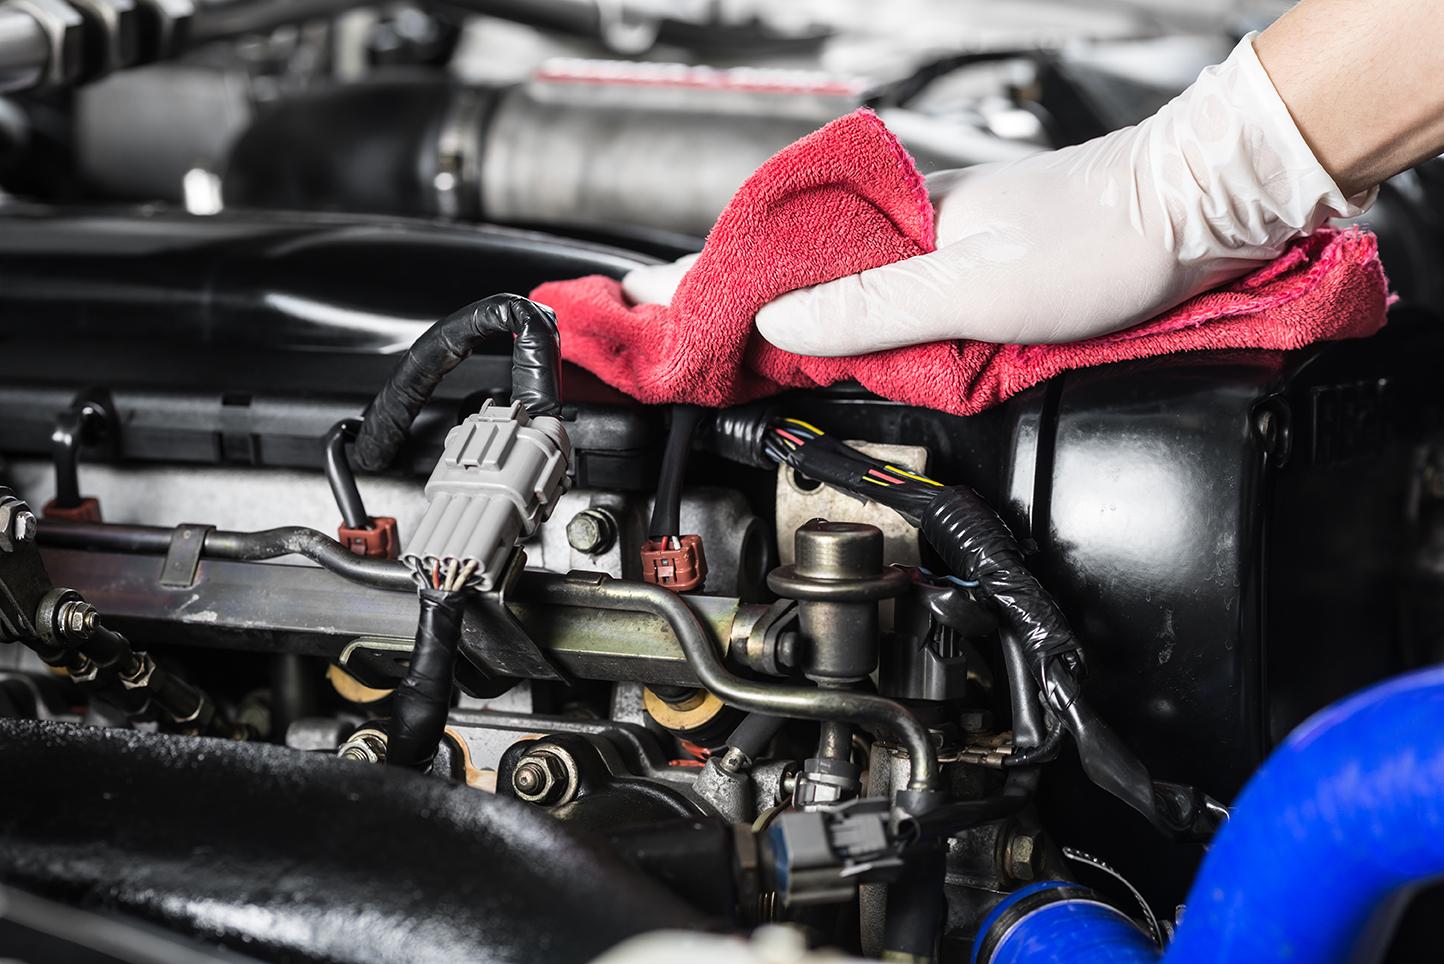 Lavado de motor de autos ahora te decimos cómo